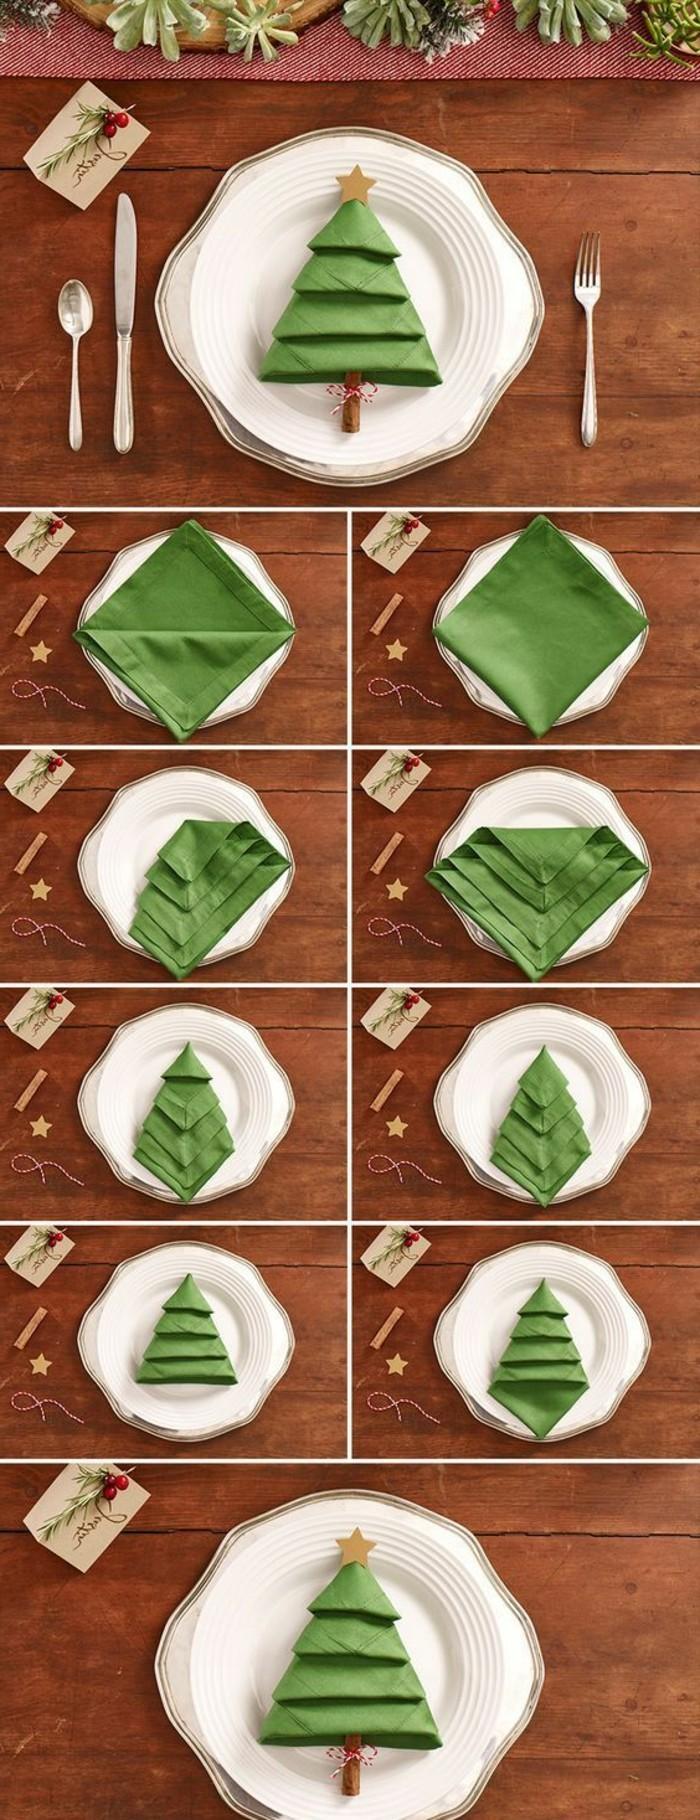 Genial 40 Bildschöne Ideen, Wie Sie Servietten Weihnachtlich Falten